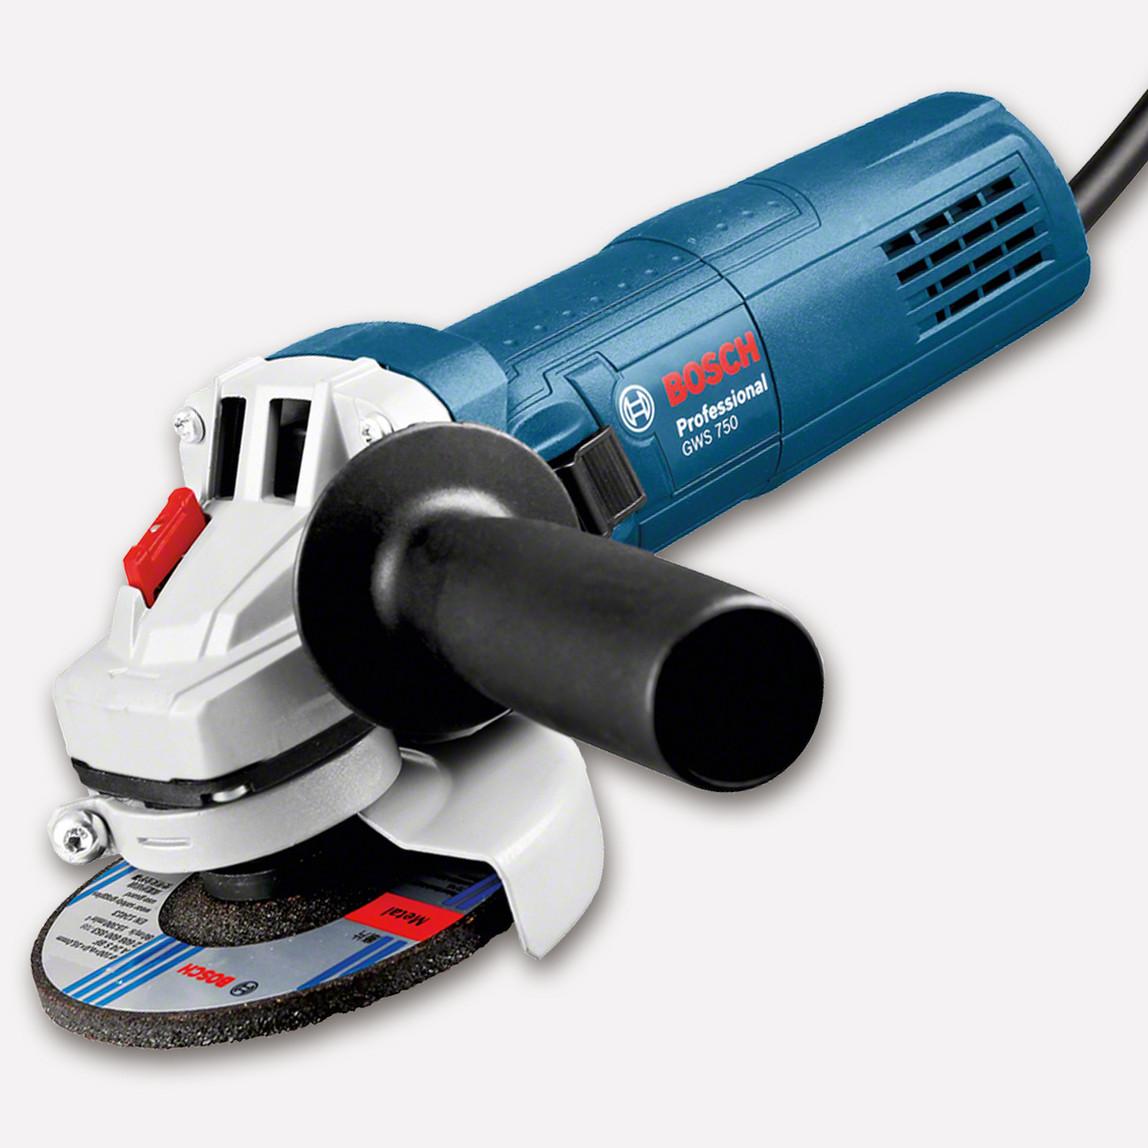 Bosch GWS750-115 750W Profesyonel Avuç Taşlama